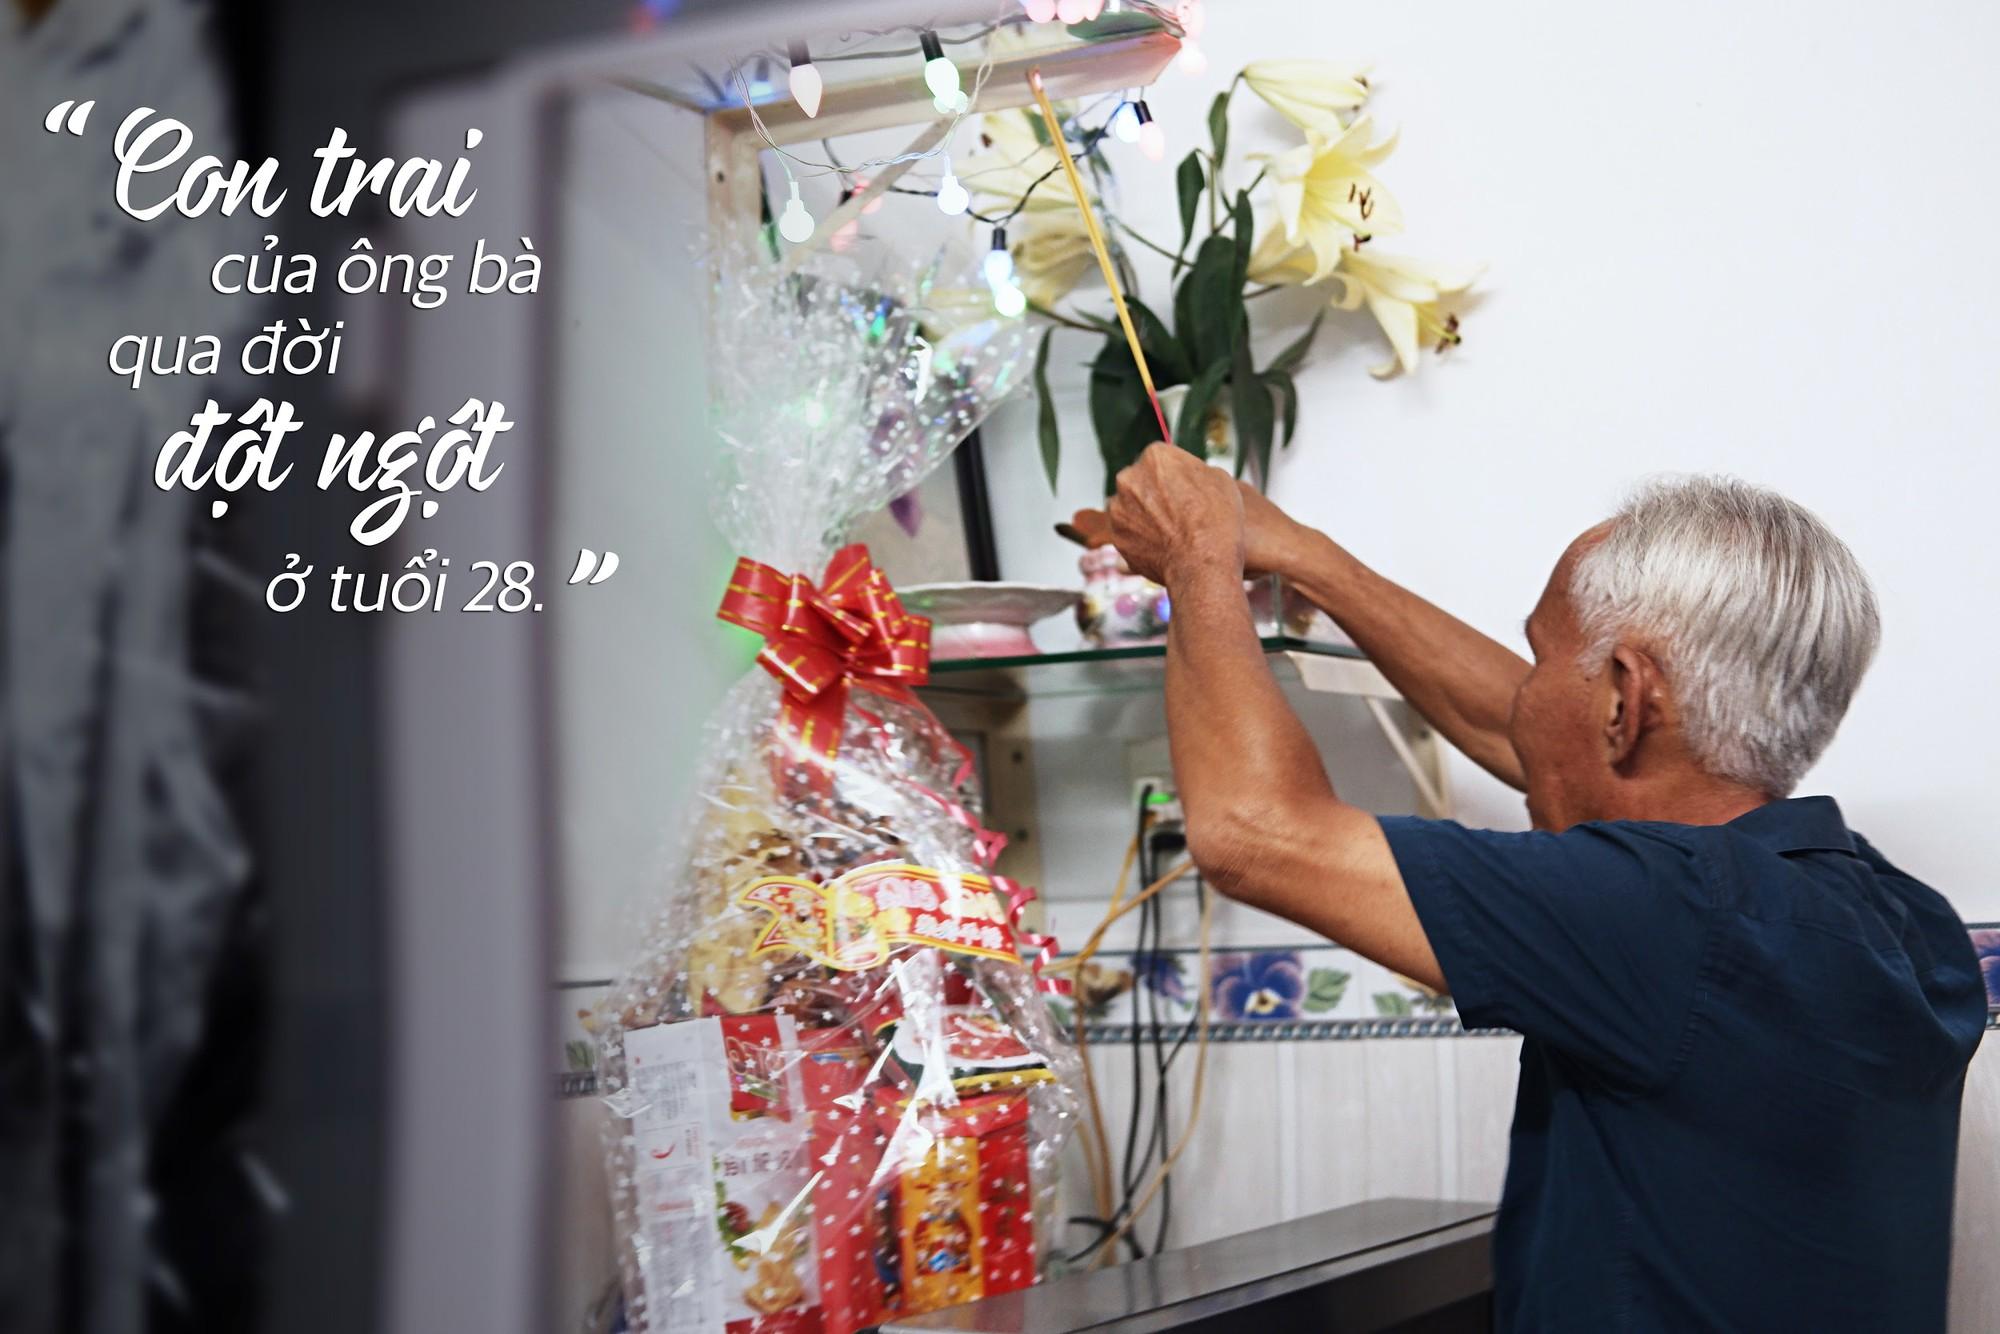 Chuyện tình sâu đậm của ông cụ 70 tuổi mù lòa ở Sài Gòn, 25 năm bán bánh nuôi vợ bệnh tật - Ảnh 4.